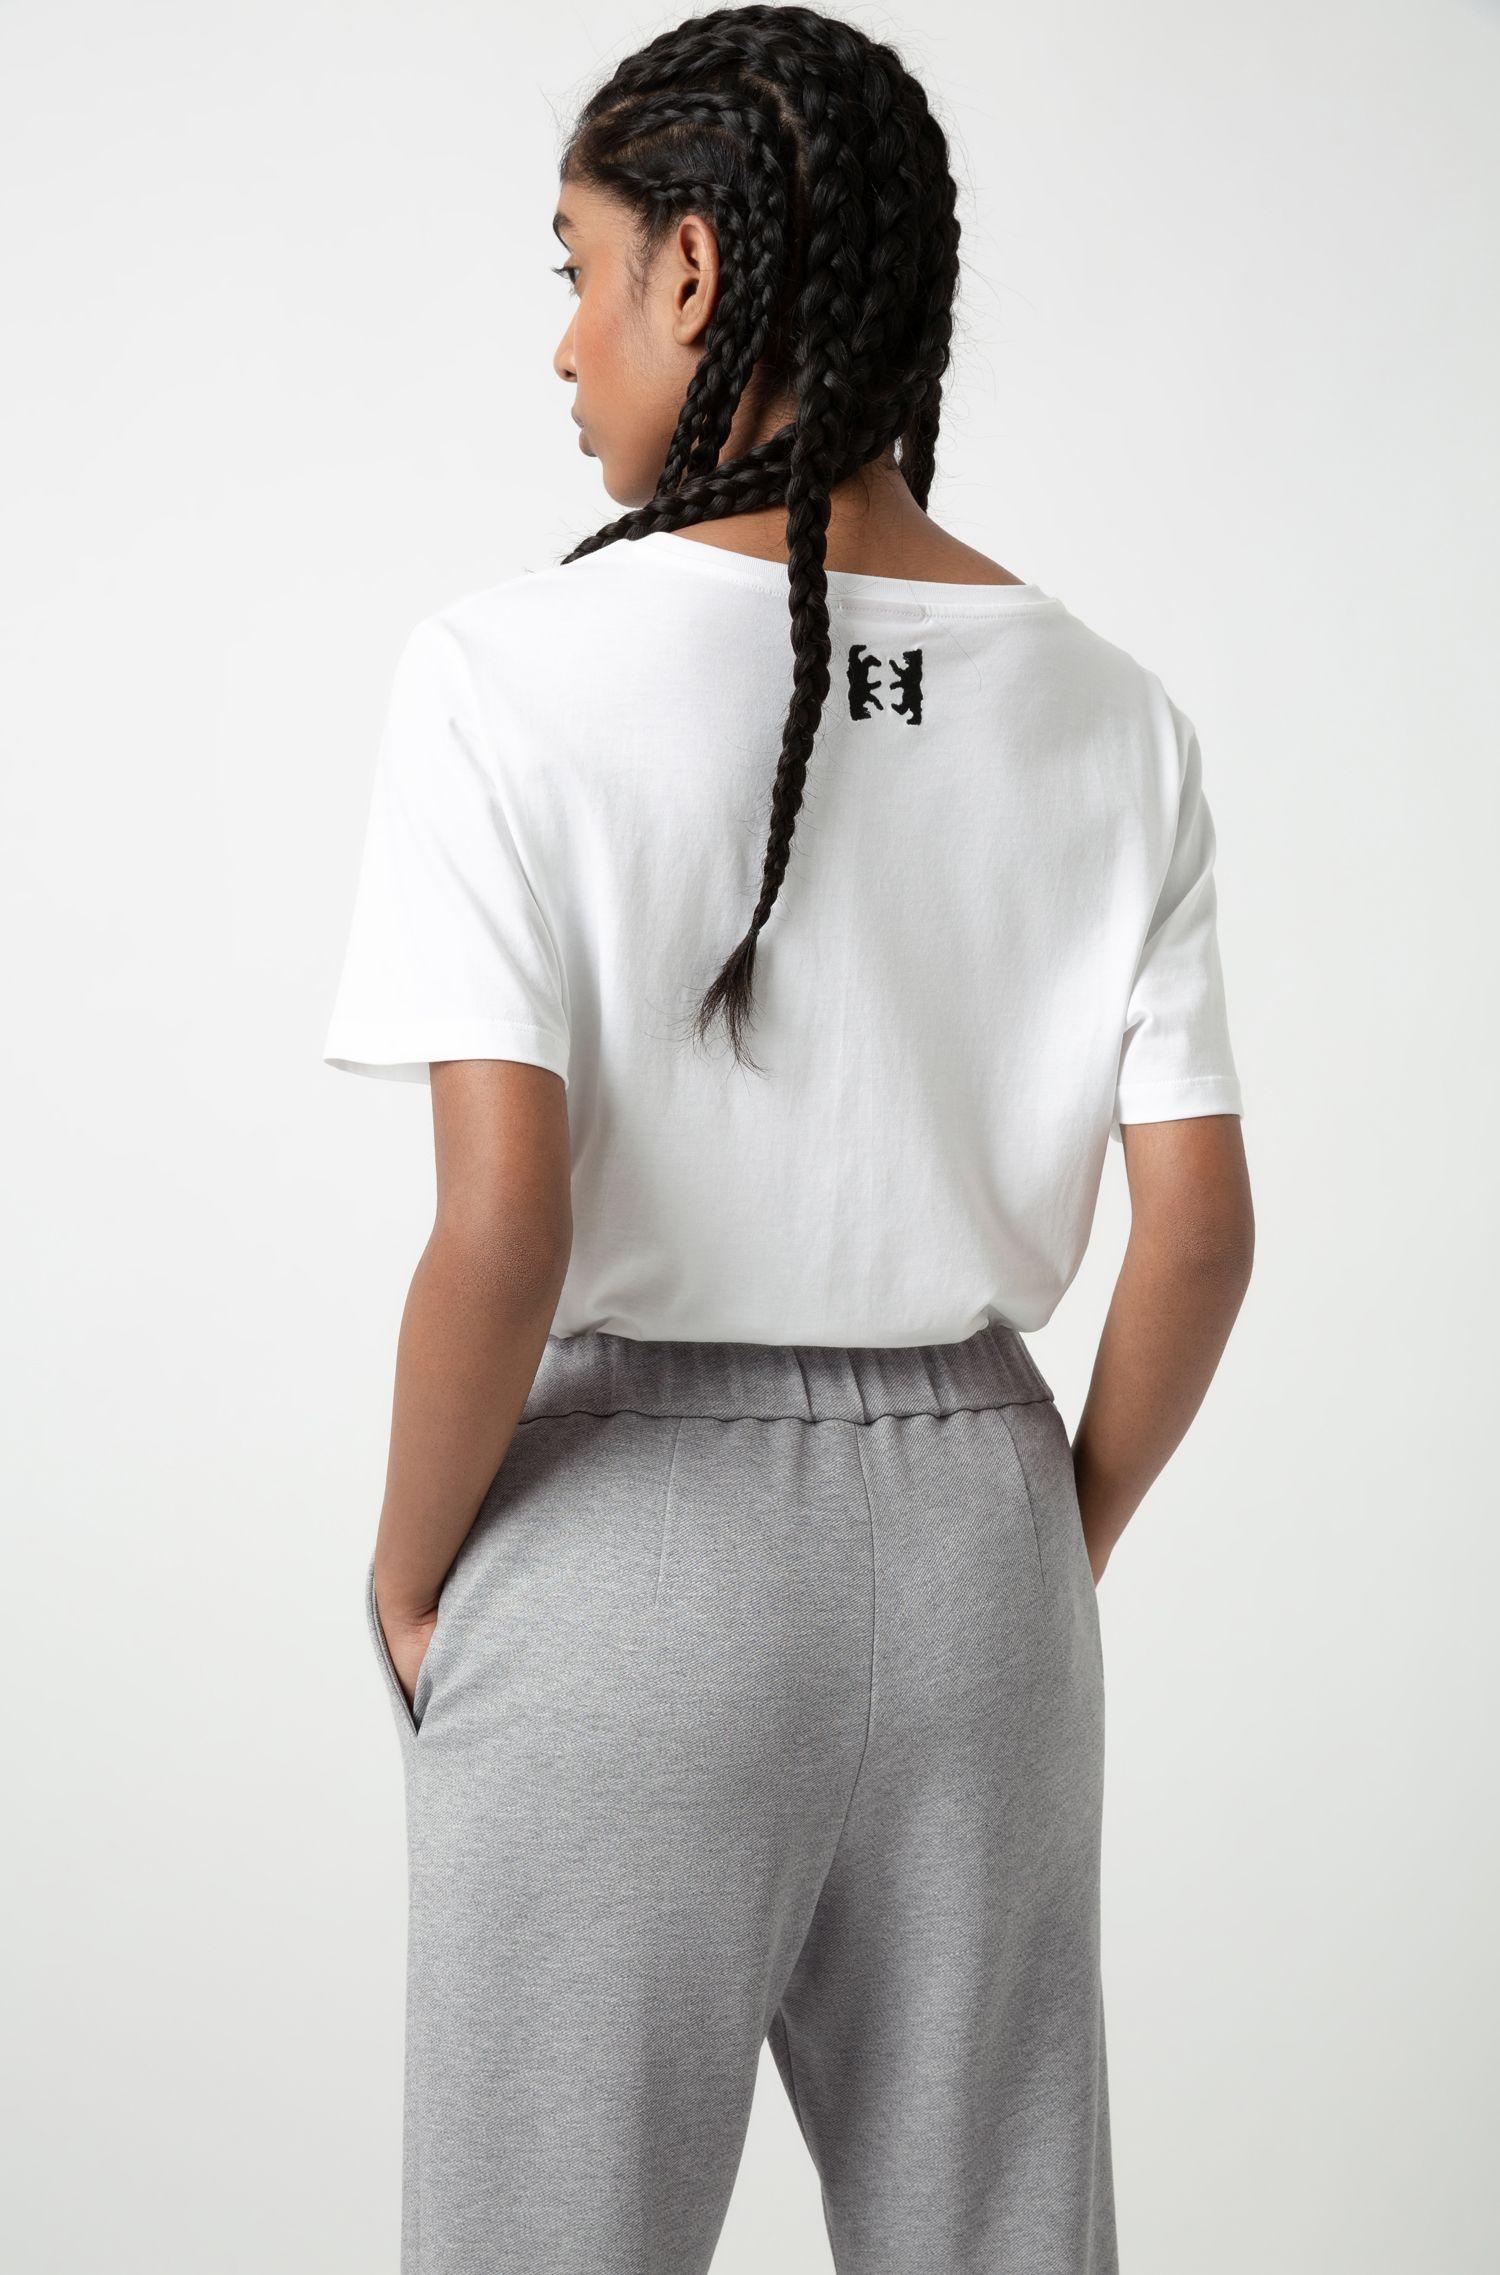 Camiseta relaxed fit con eslogan estampado y bordado de oso, Blanco